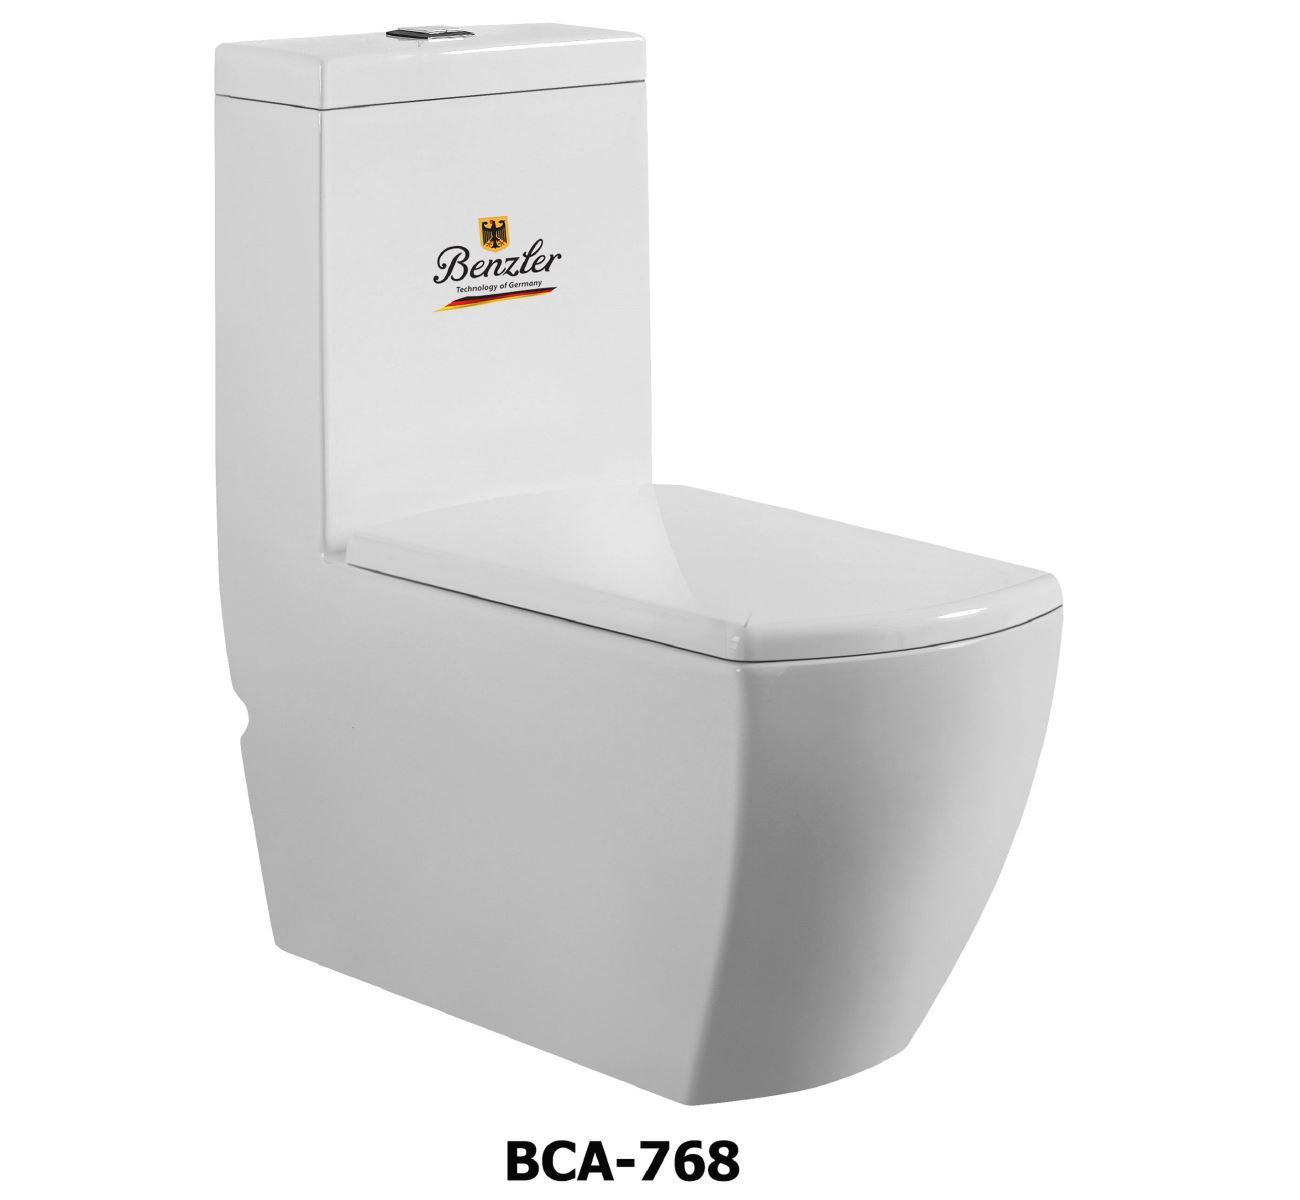 BỒN CẦU BENZLER BCA-768